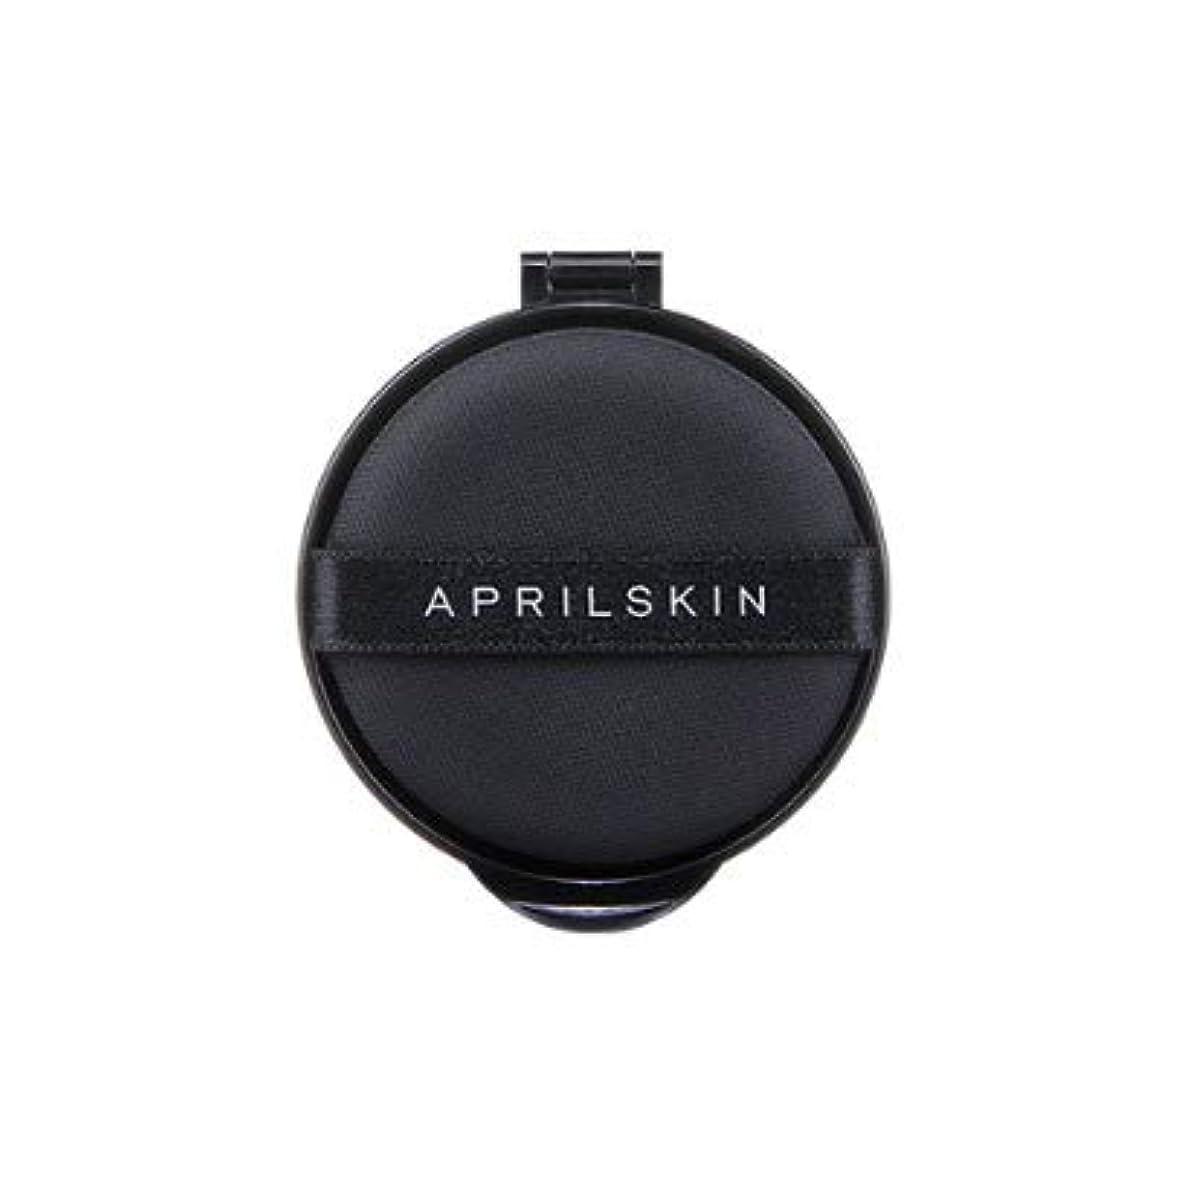 最大怪しい議会エイプリル スキン(APRIL SKIN) パーフェクトマジックカバーフィットクッション (リフィル) 13g / APRILSKIN PERFECT MAGIC COVER FIT CUSHION (REFILL) 13g...